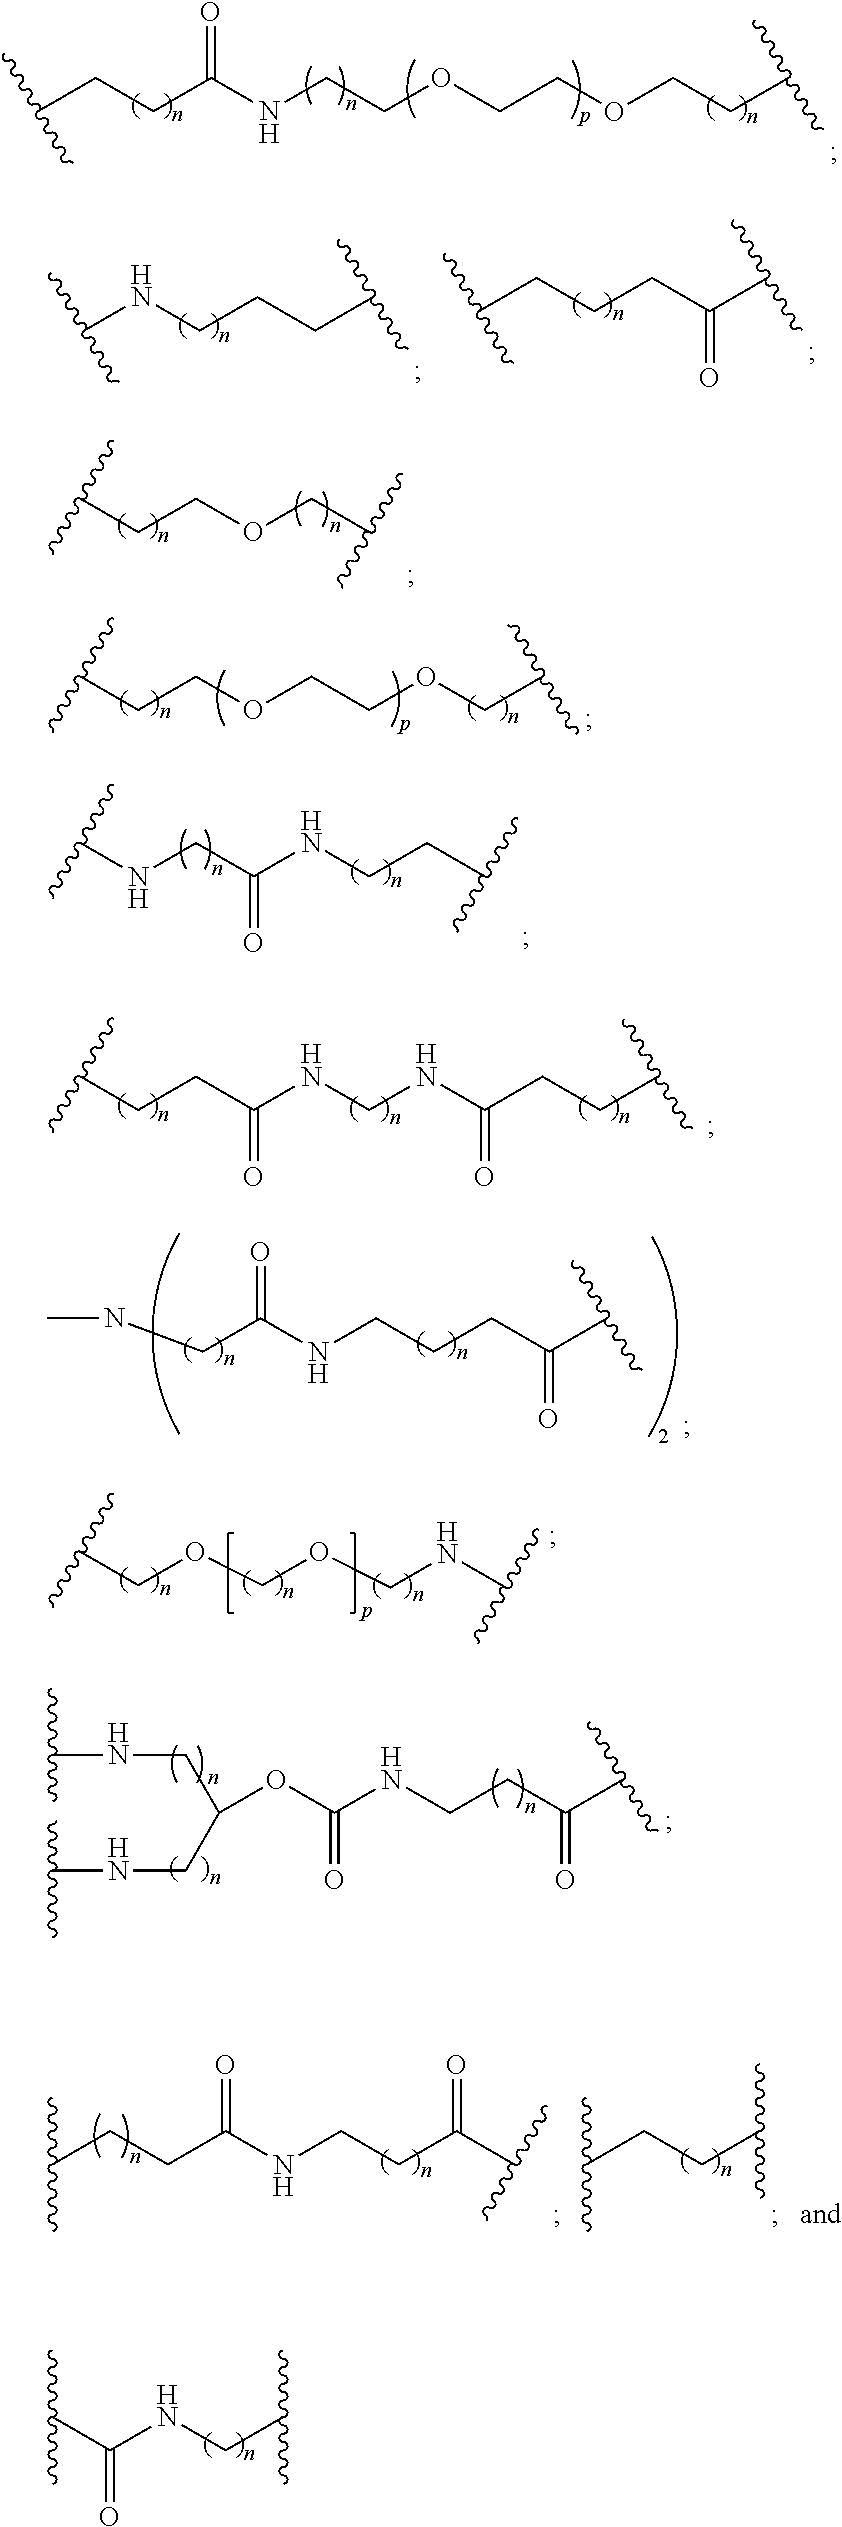 Figure US09932581-20180403-C00072